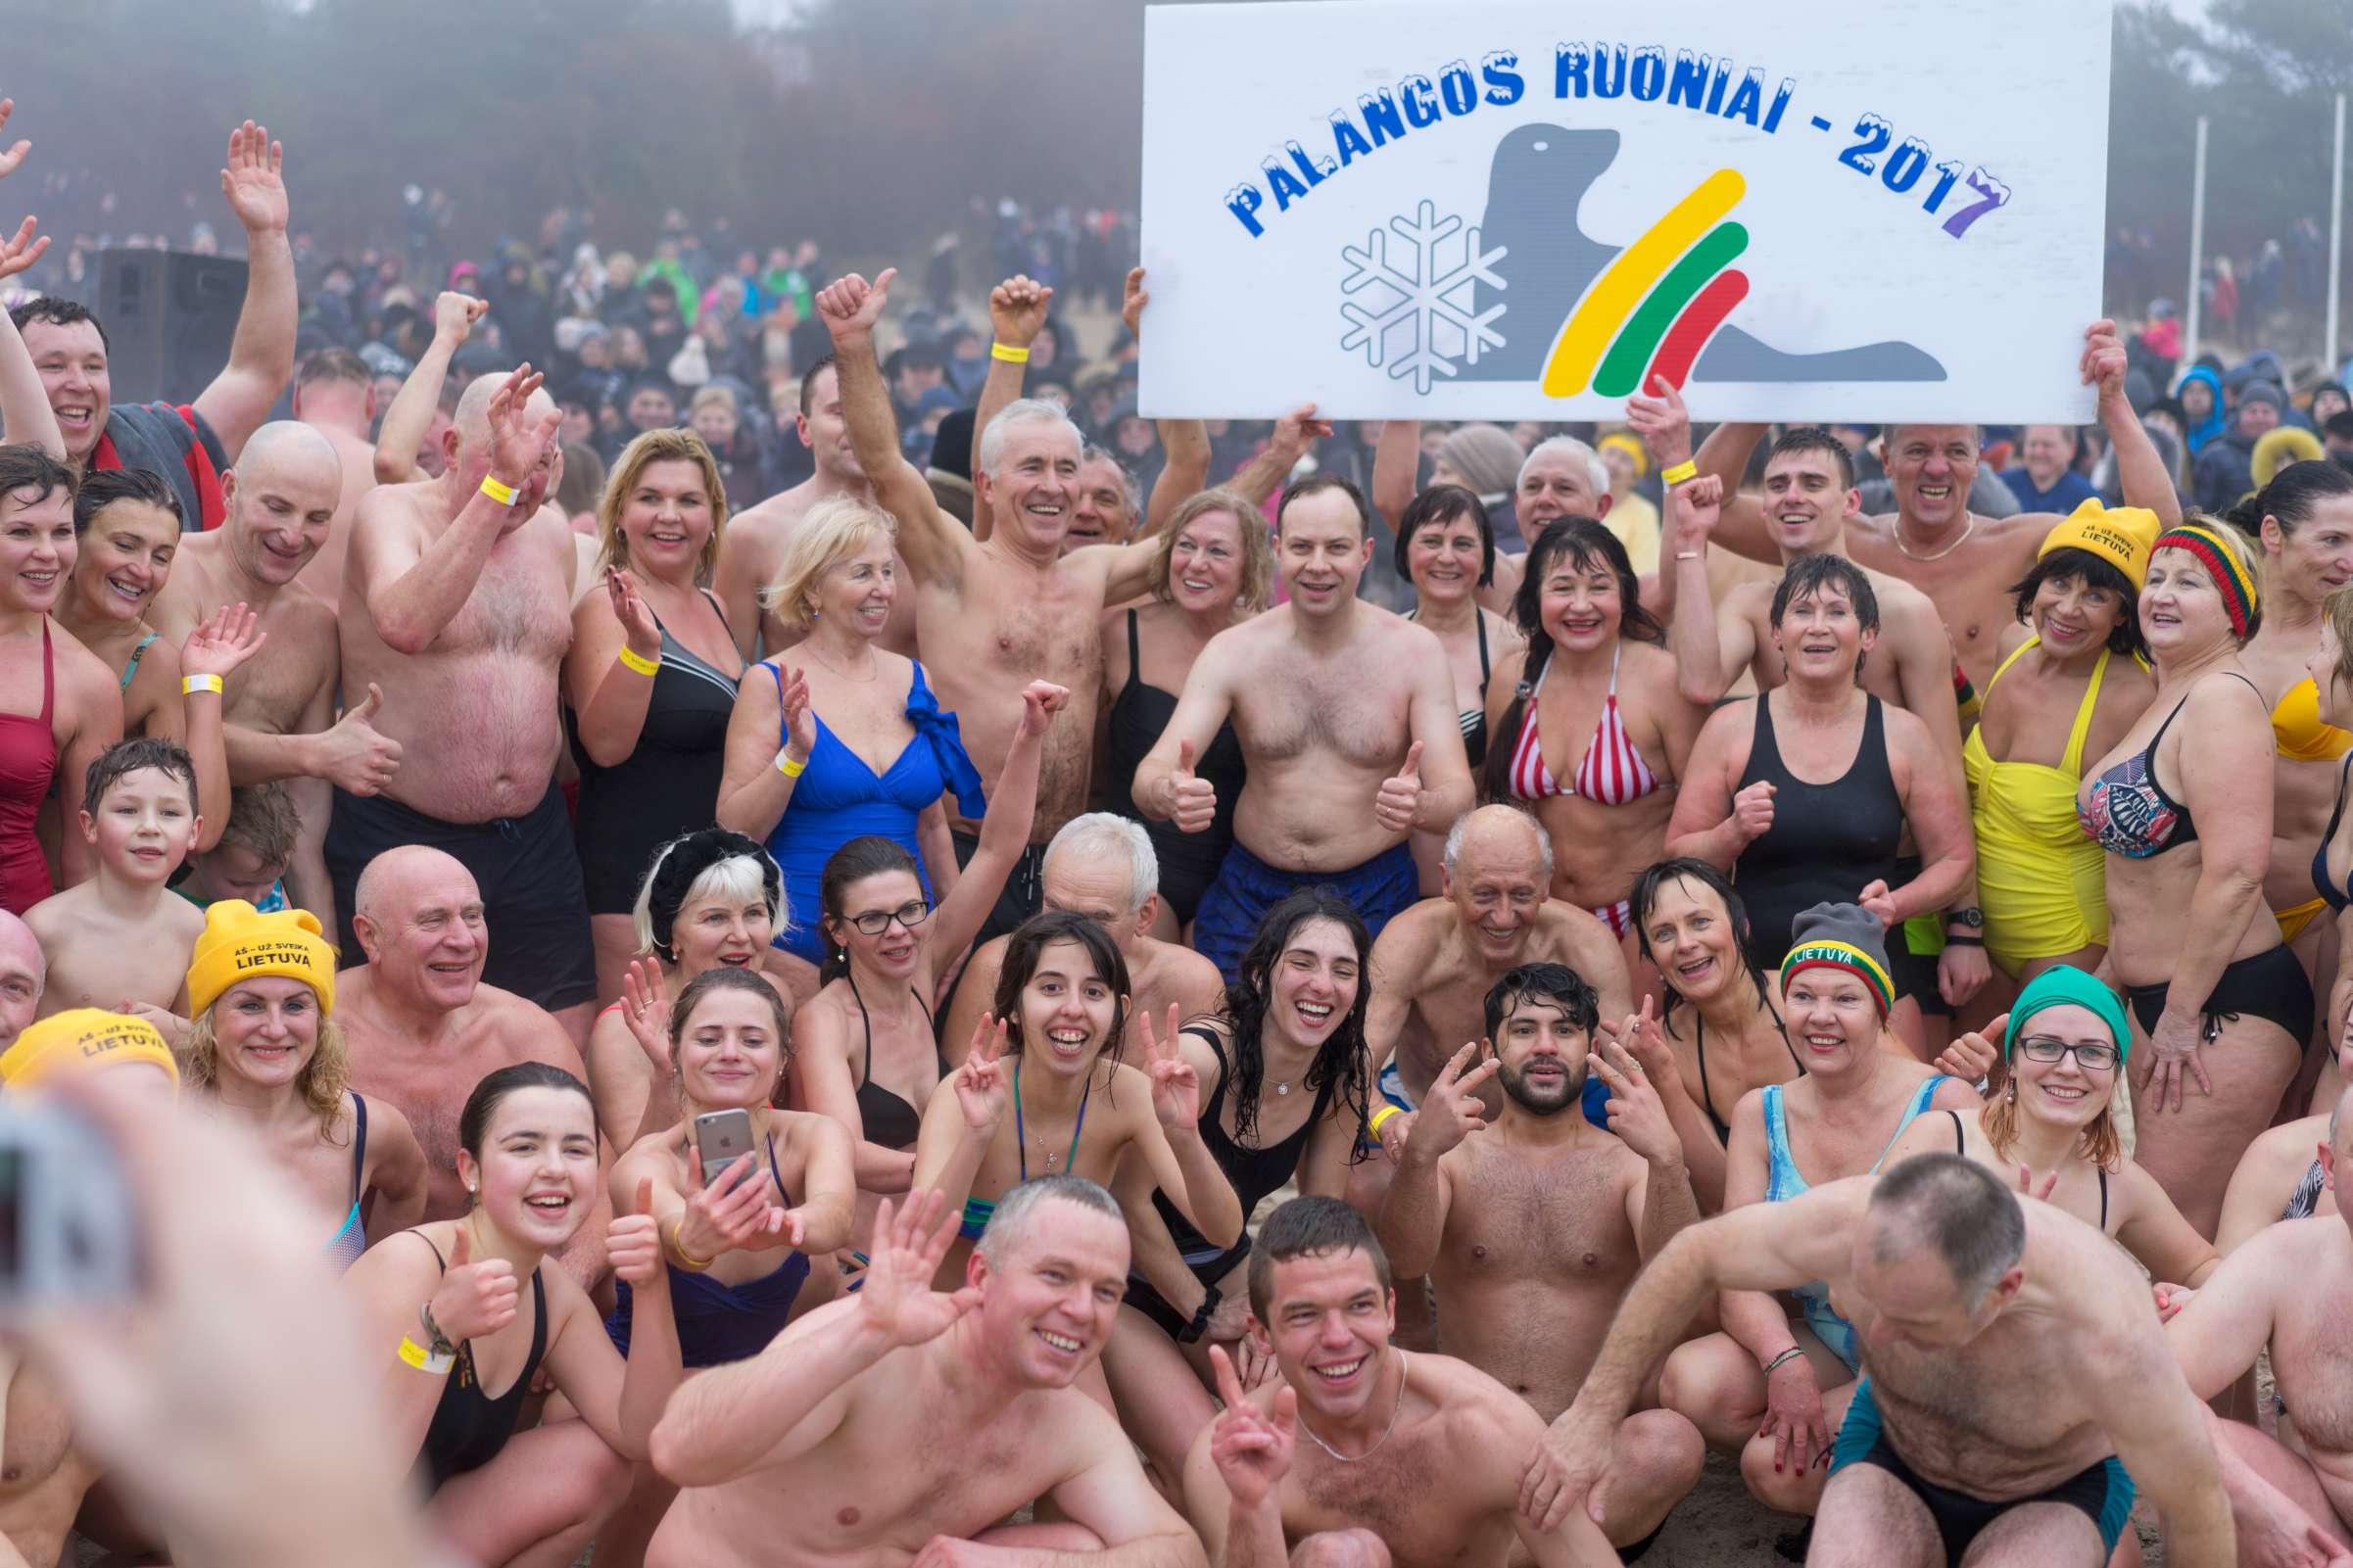 Į Baltijos bangas paniro šimtai žmonių ir sveikatos ministras | Rengėjų nuotr.